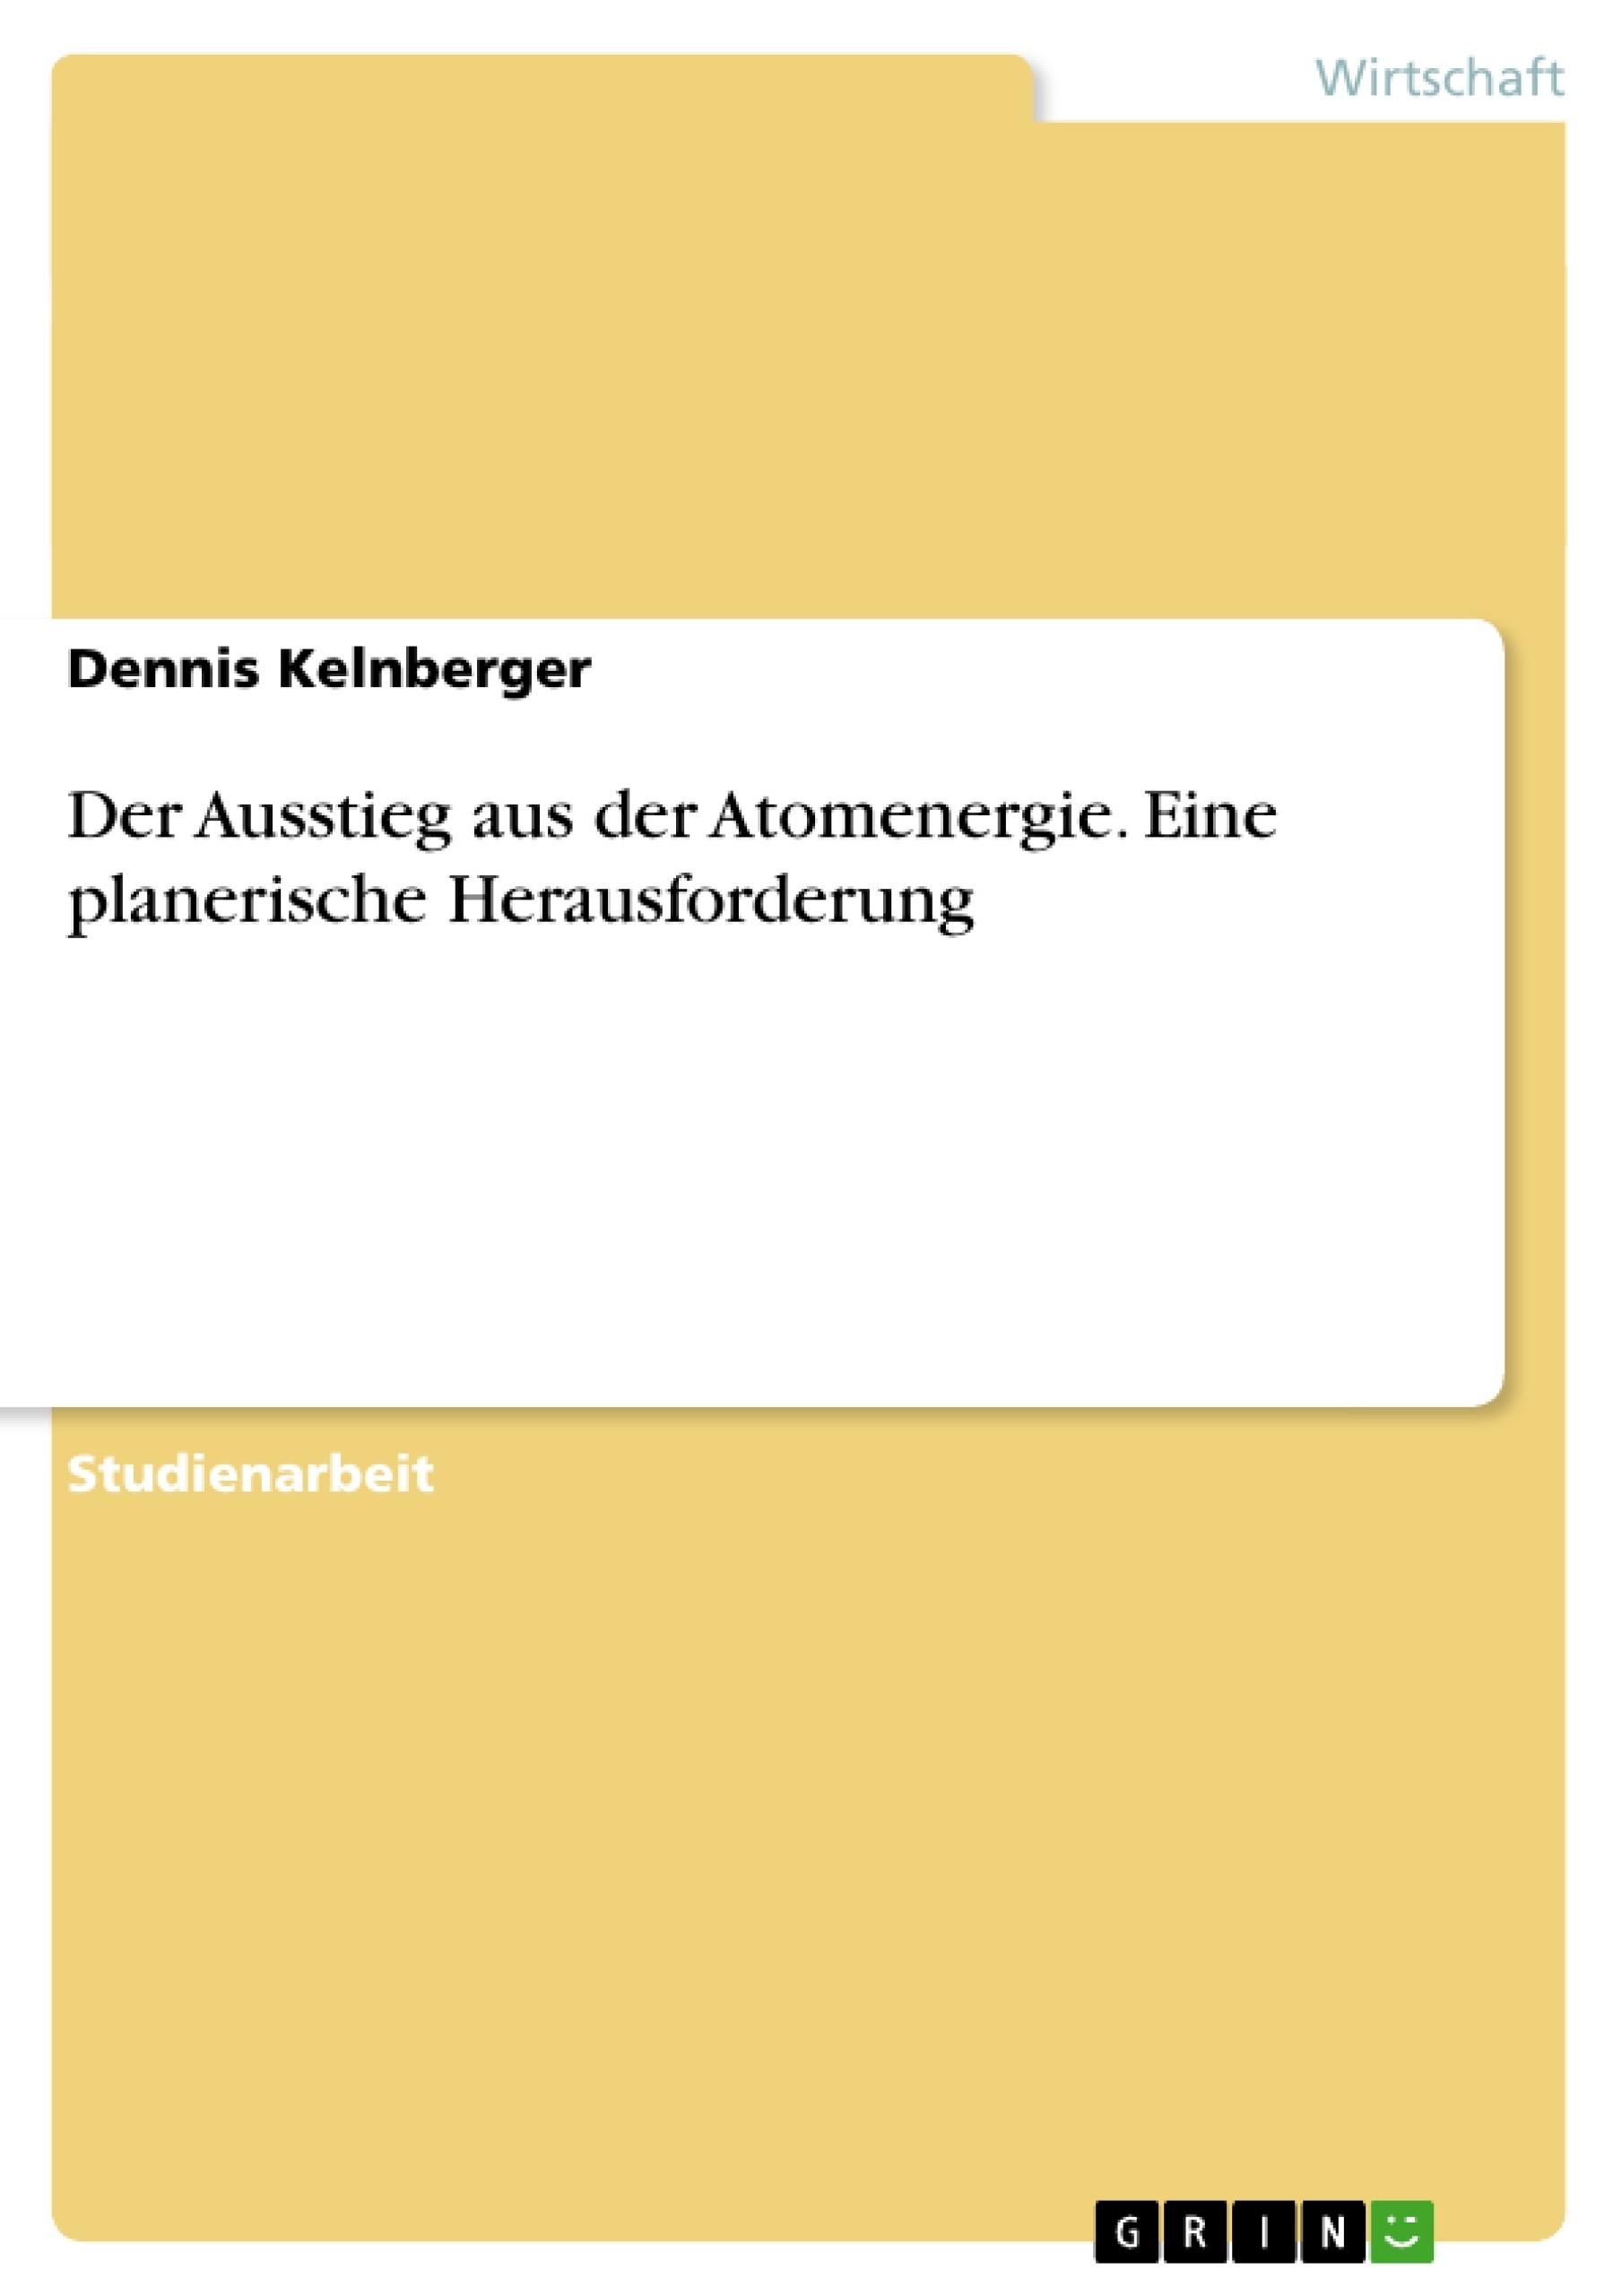 Titel: Der Ausstieg aus der Atomenergie. Eine planerische Herausforderung